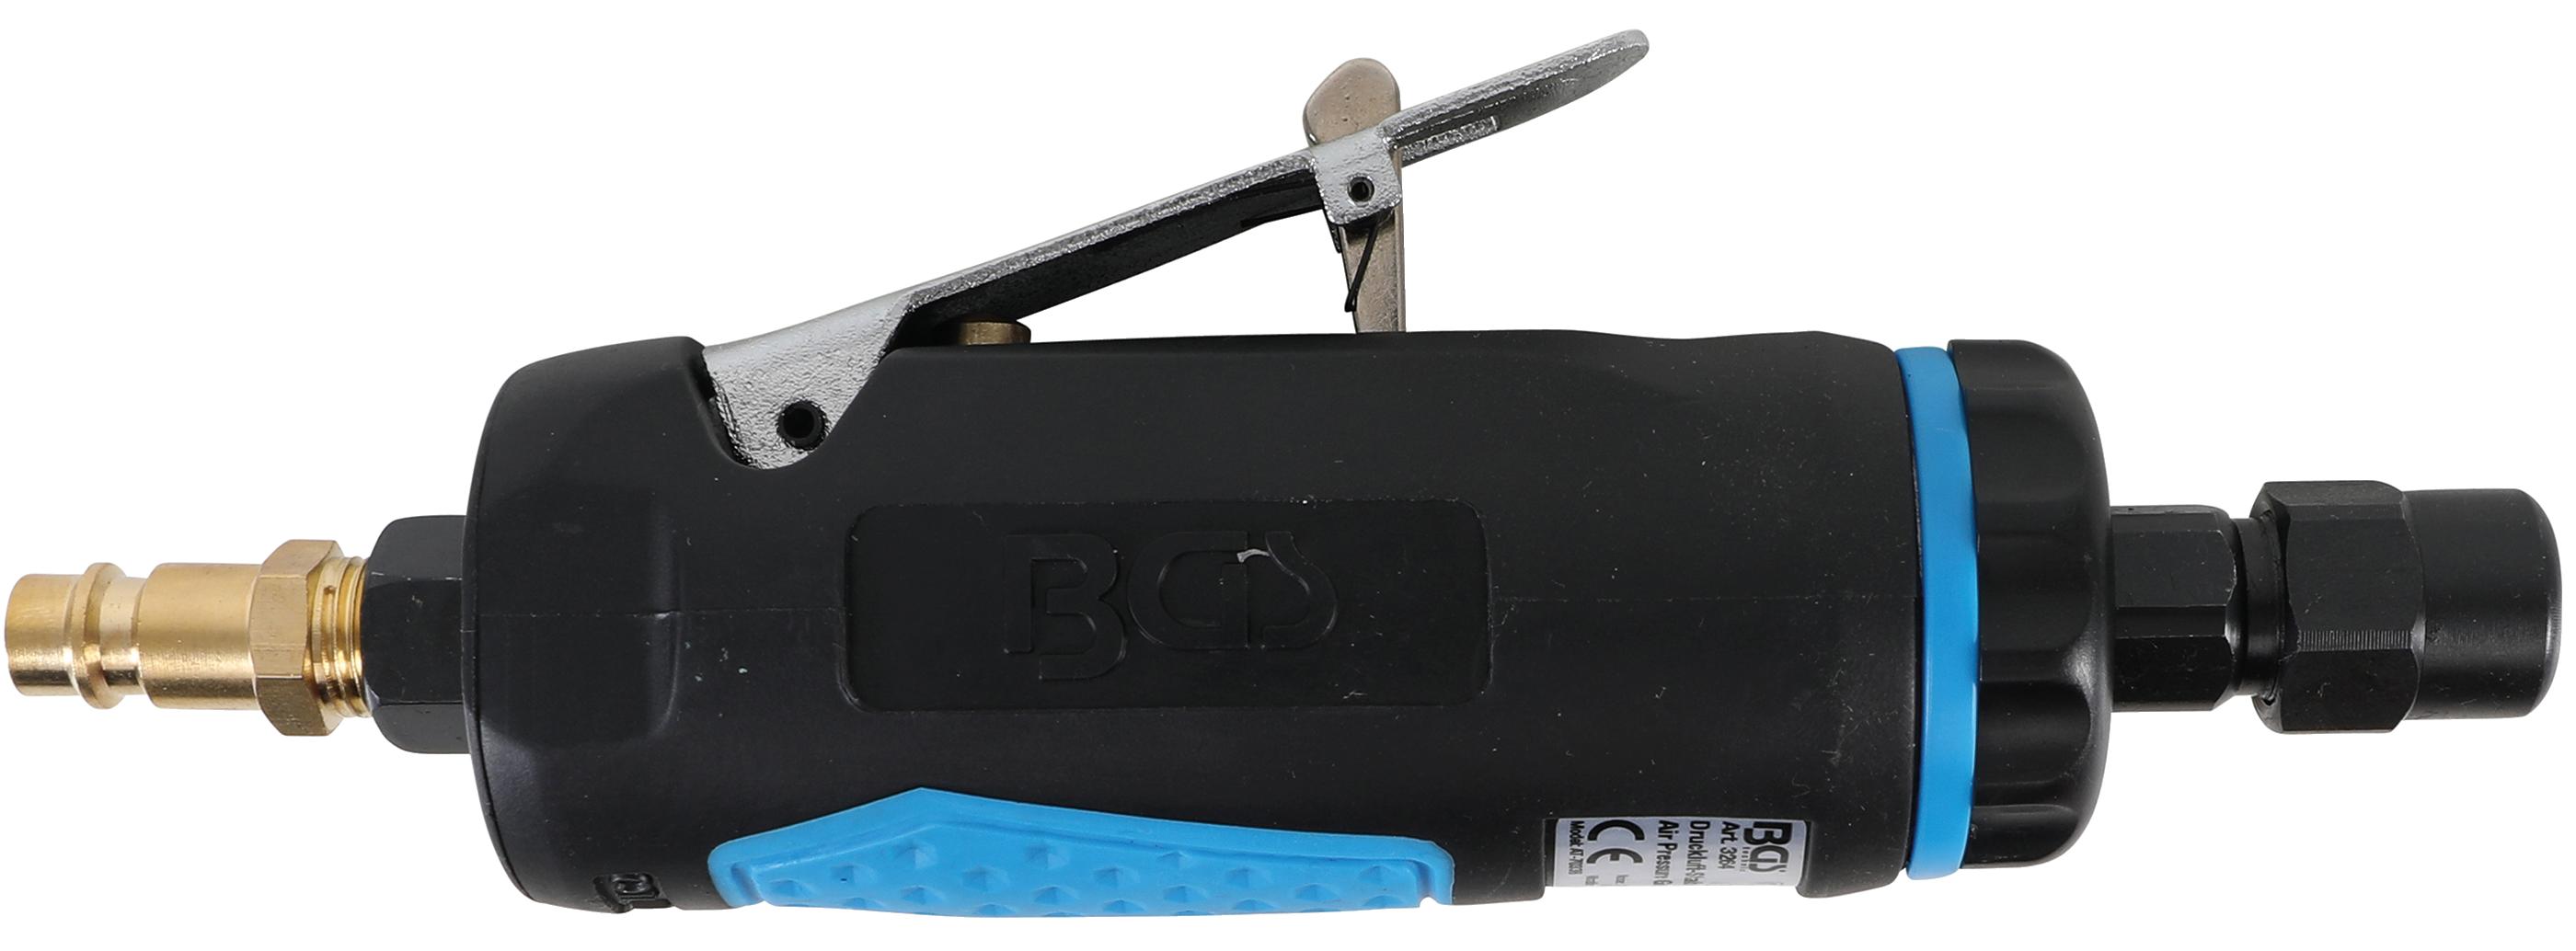 BGS Druckluft Stabschleifer kurz 170 mm Druckluftschleifer Schleifer schleifen